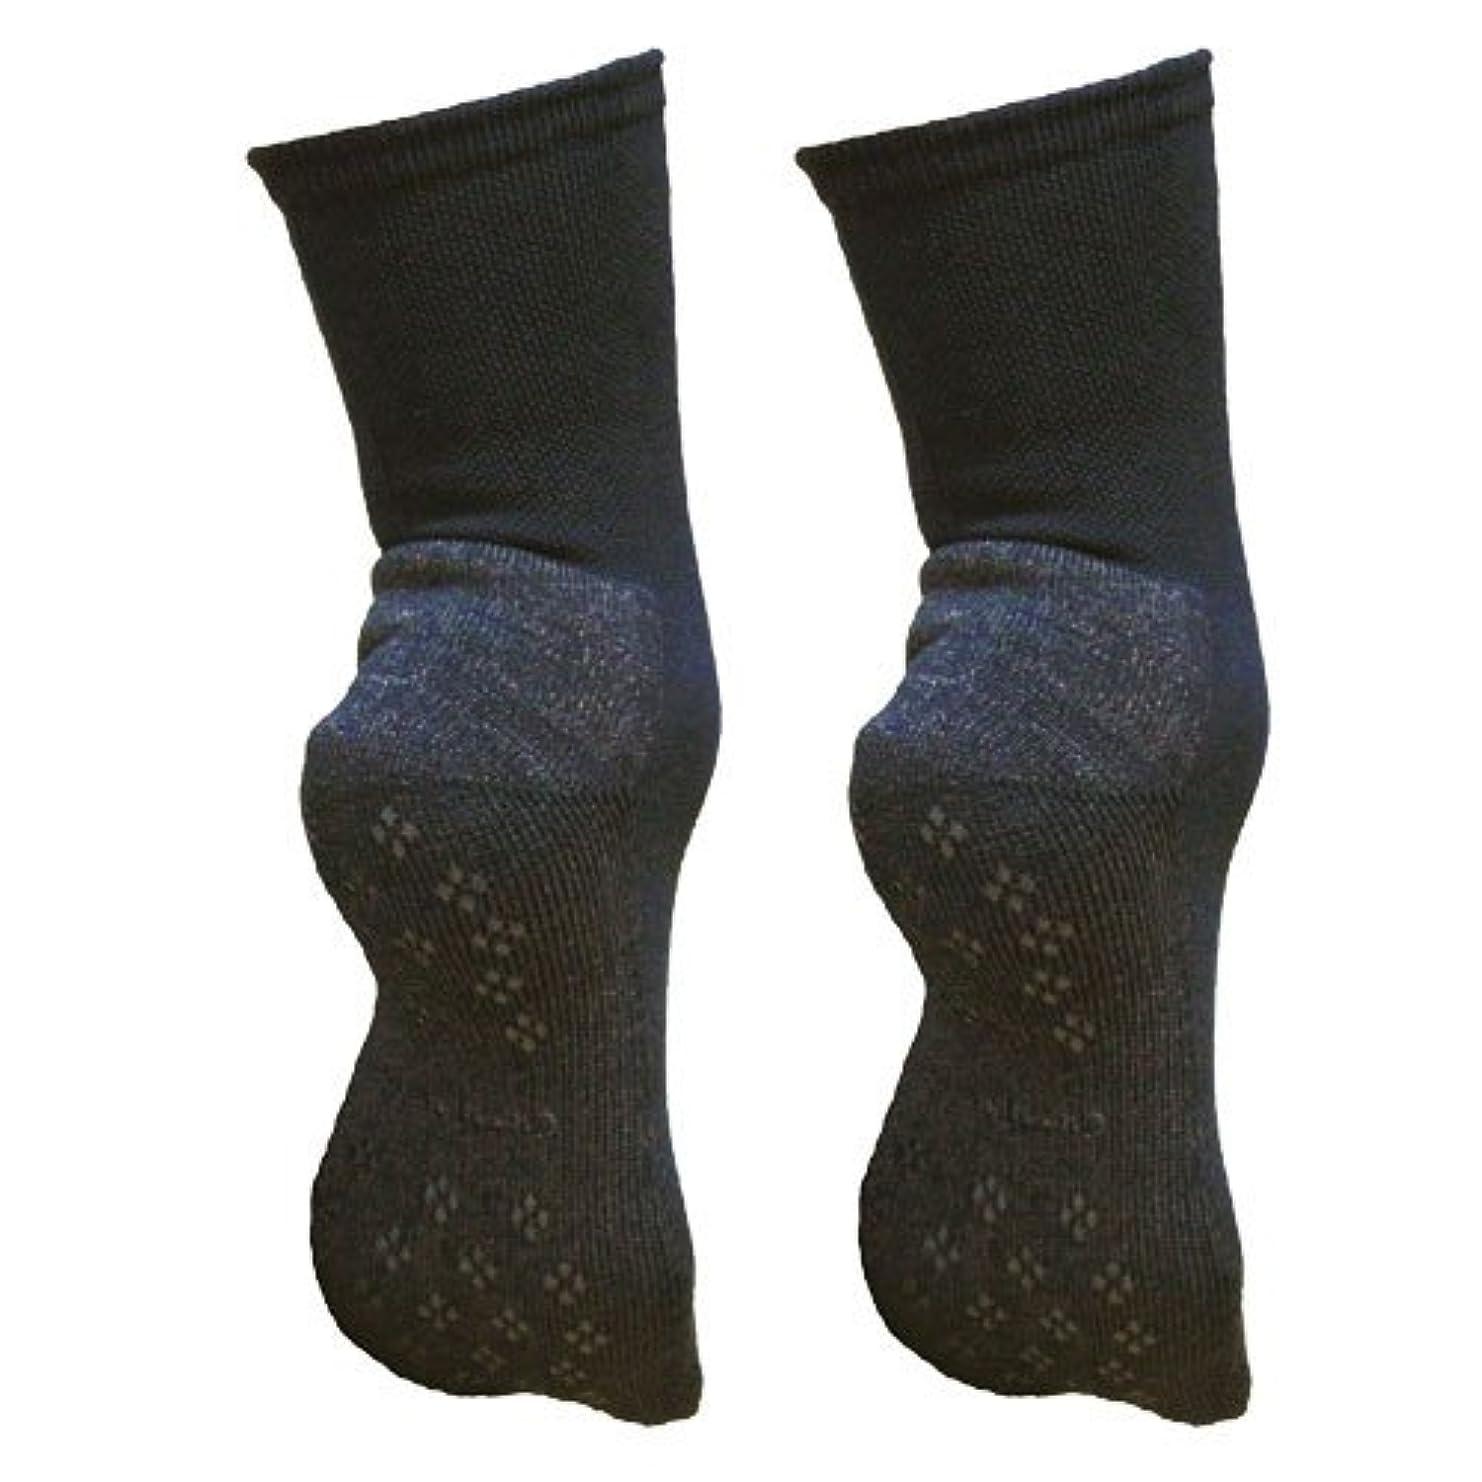 診療所信号球体銅繊維靴下「足もとはいつも青春」パイルタイプ2足セット 靴底のあたたかさ重視